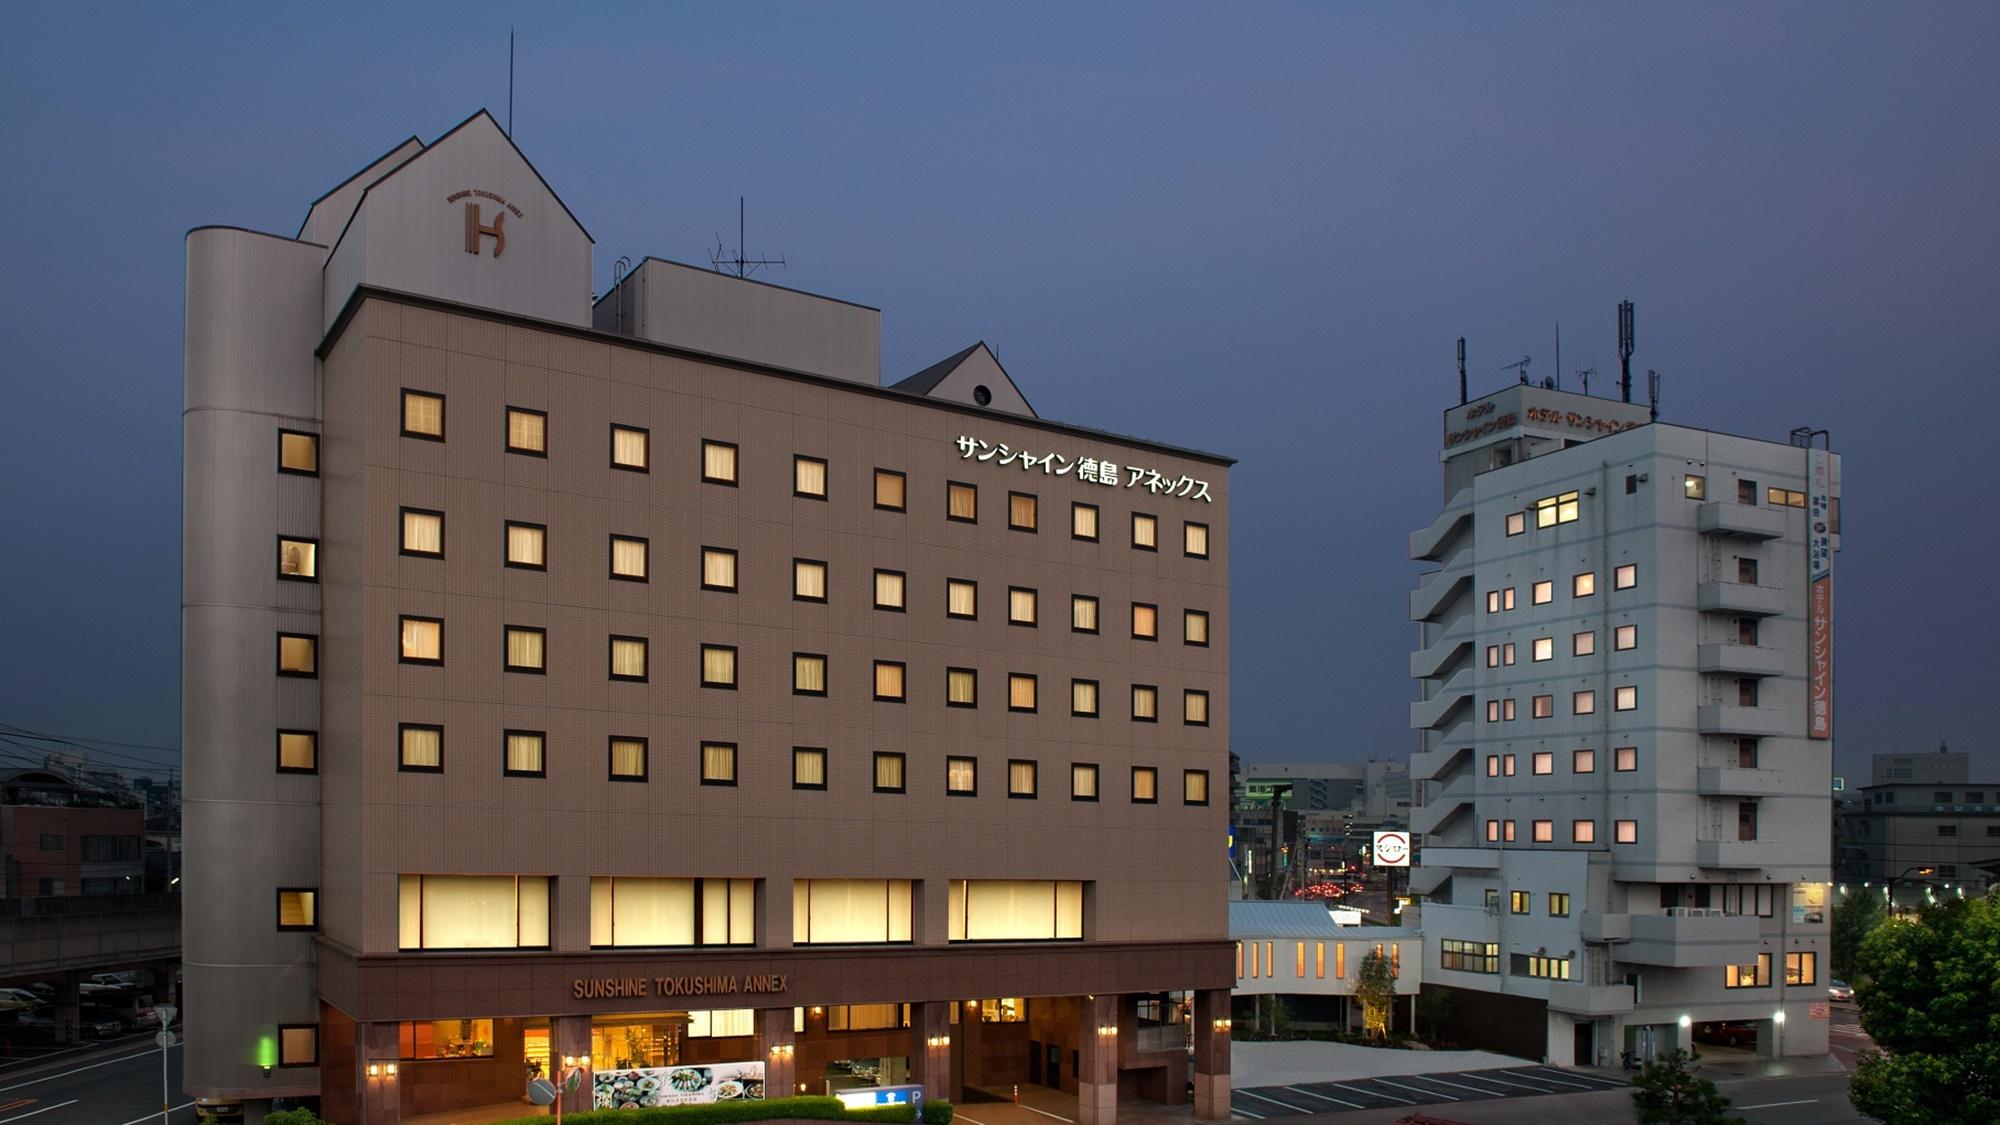 ホテル サンシャイン徳島 アネックス◆楽天トラベル